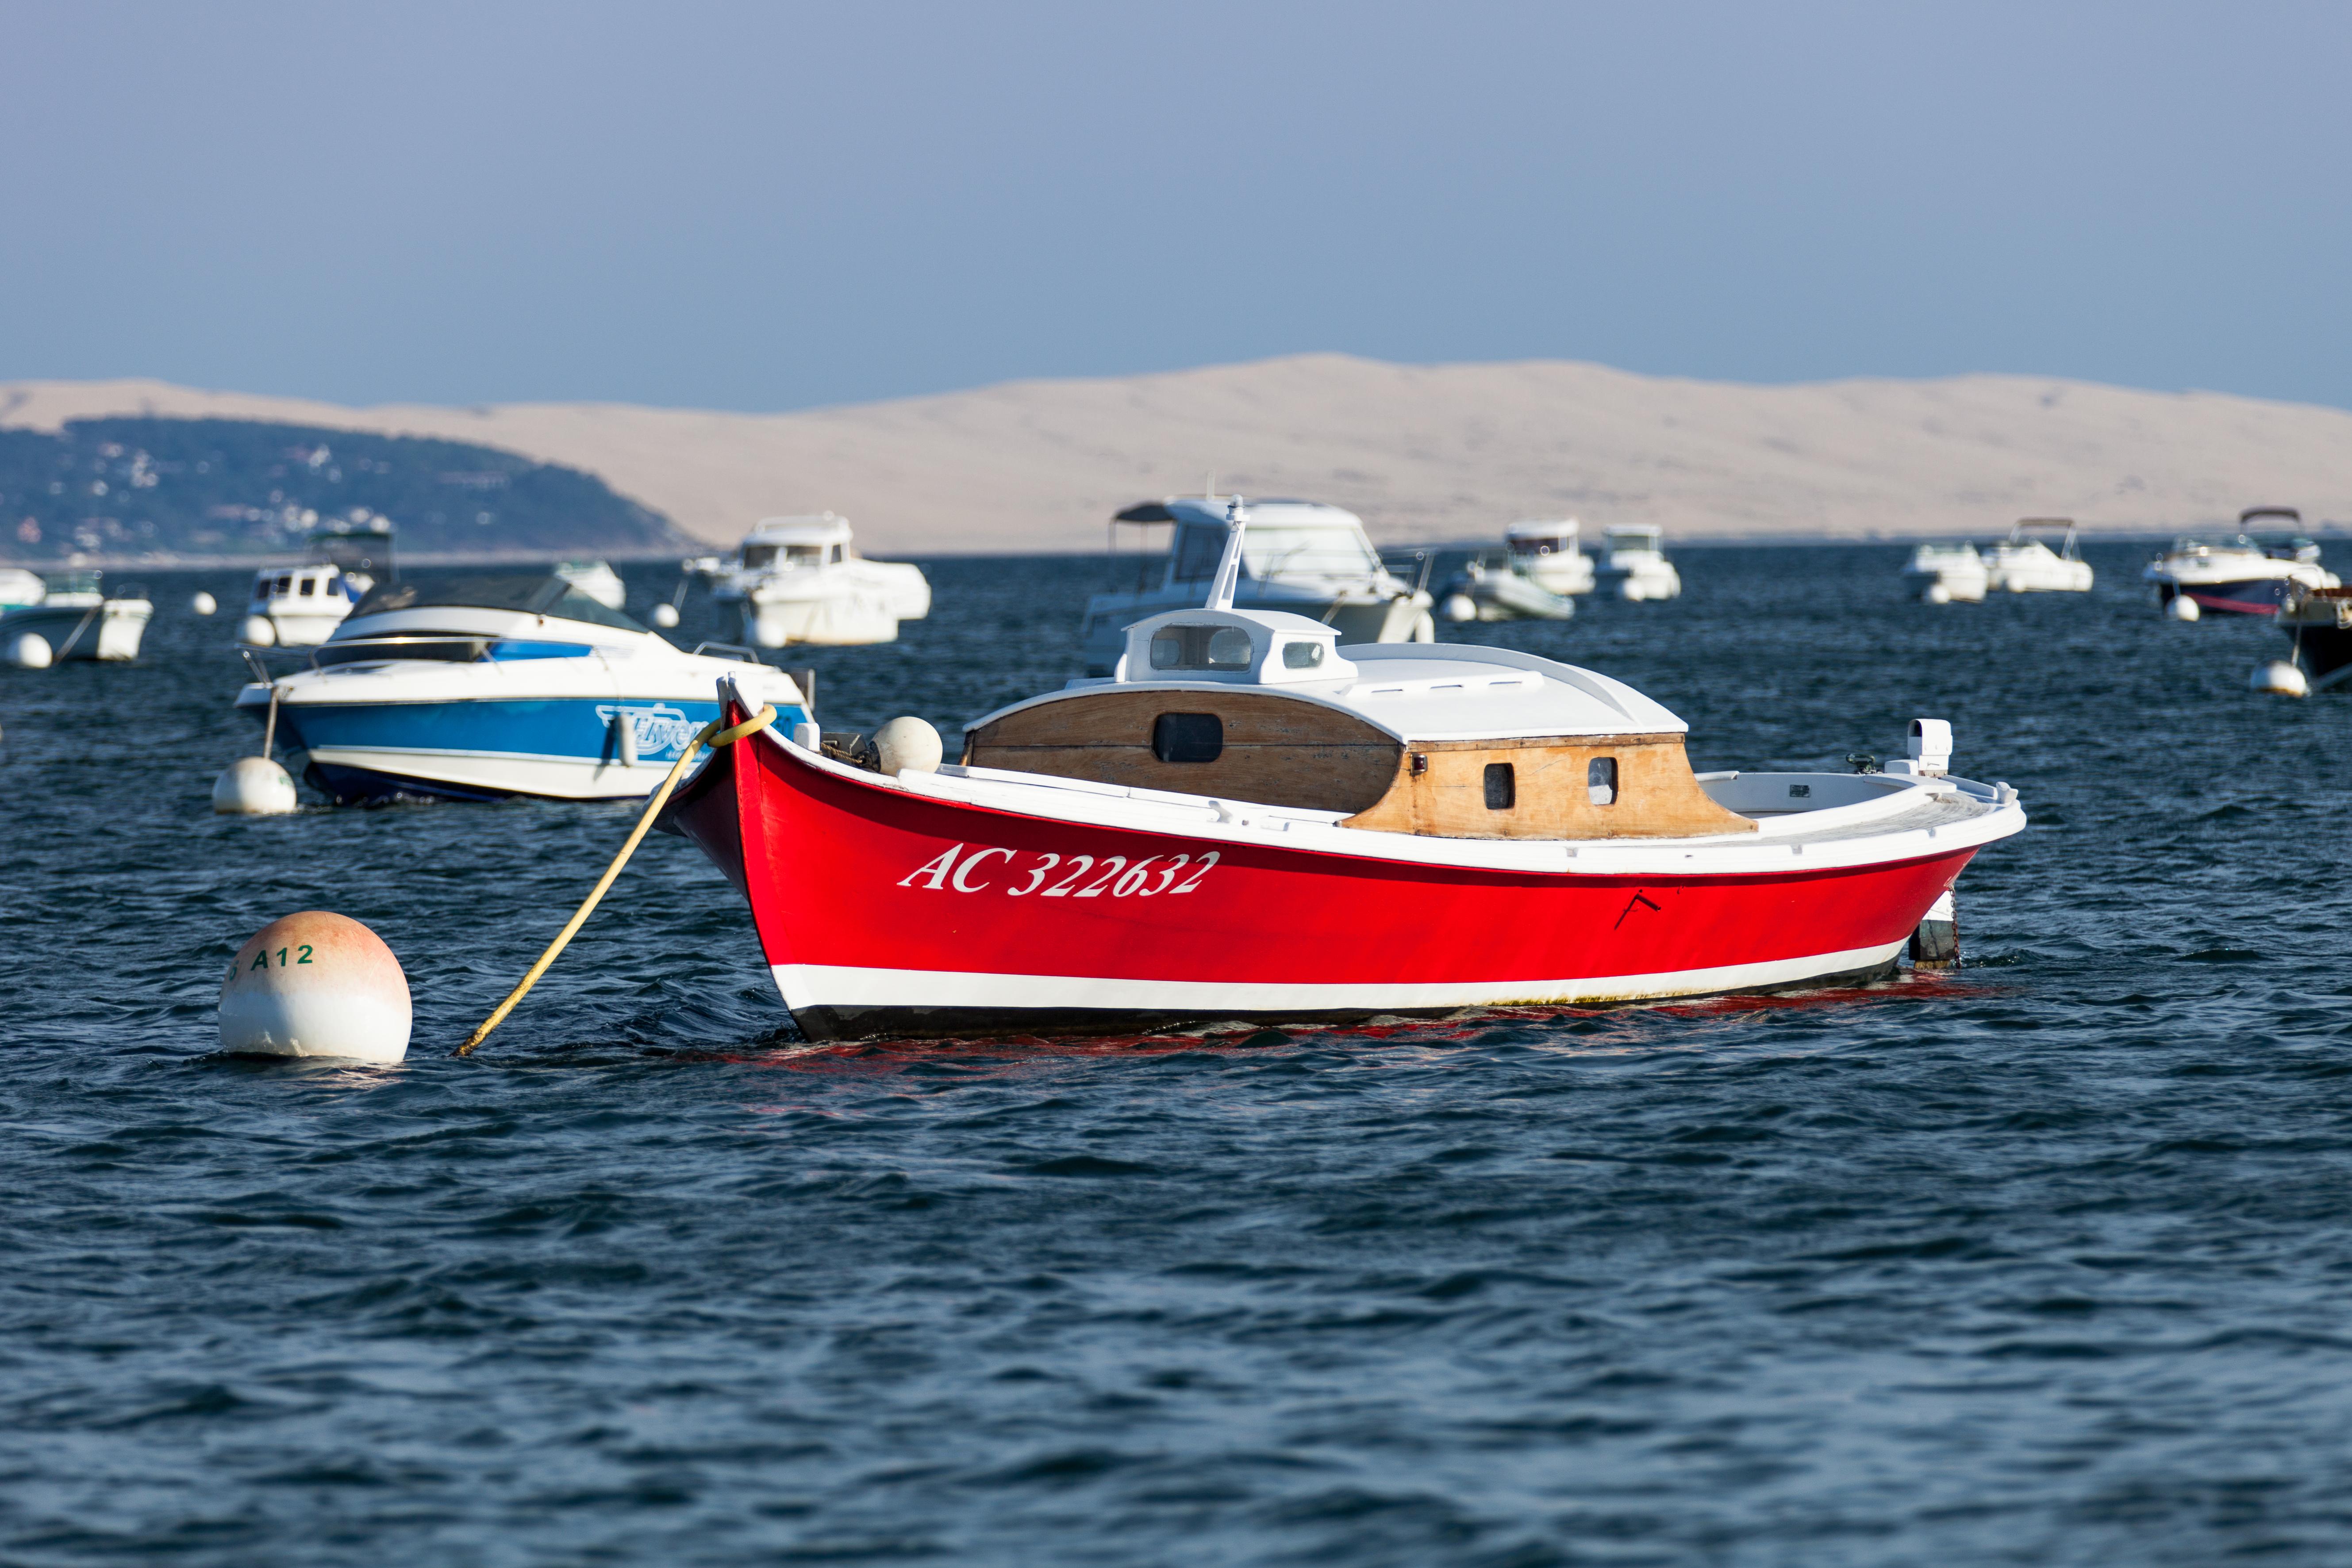 file bateau sur le bassin d 39 arcachon barco en la bah a de arcachon boat on the bay of. Black Bedroom Furniture Sets. Home Design Ideas